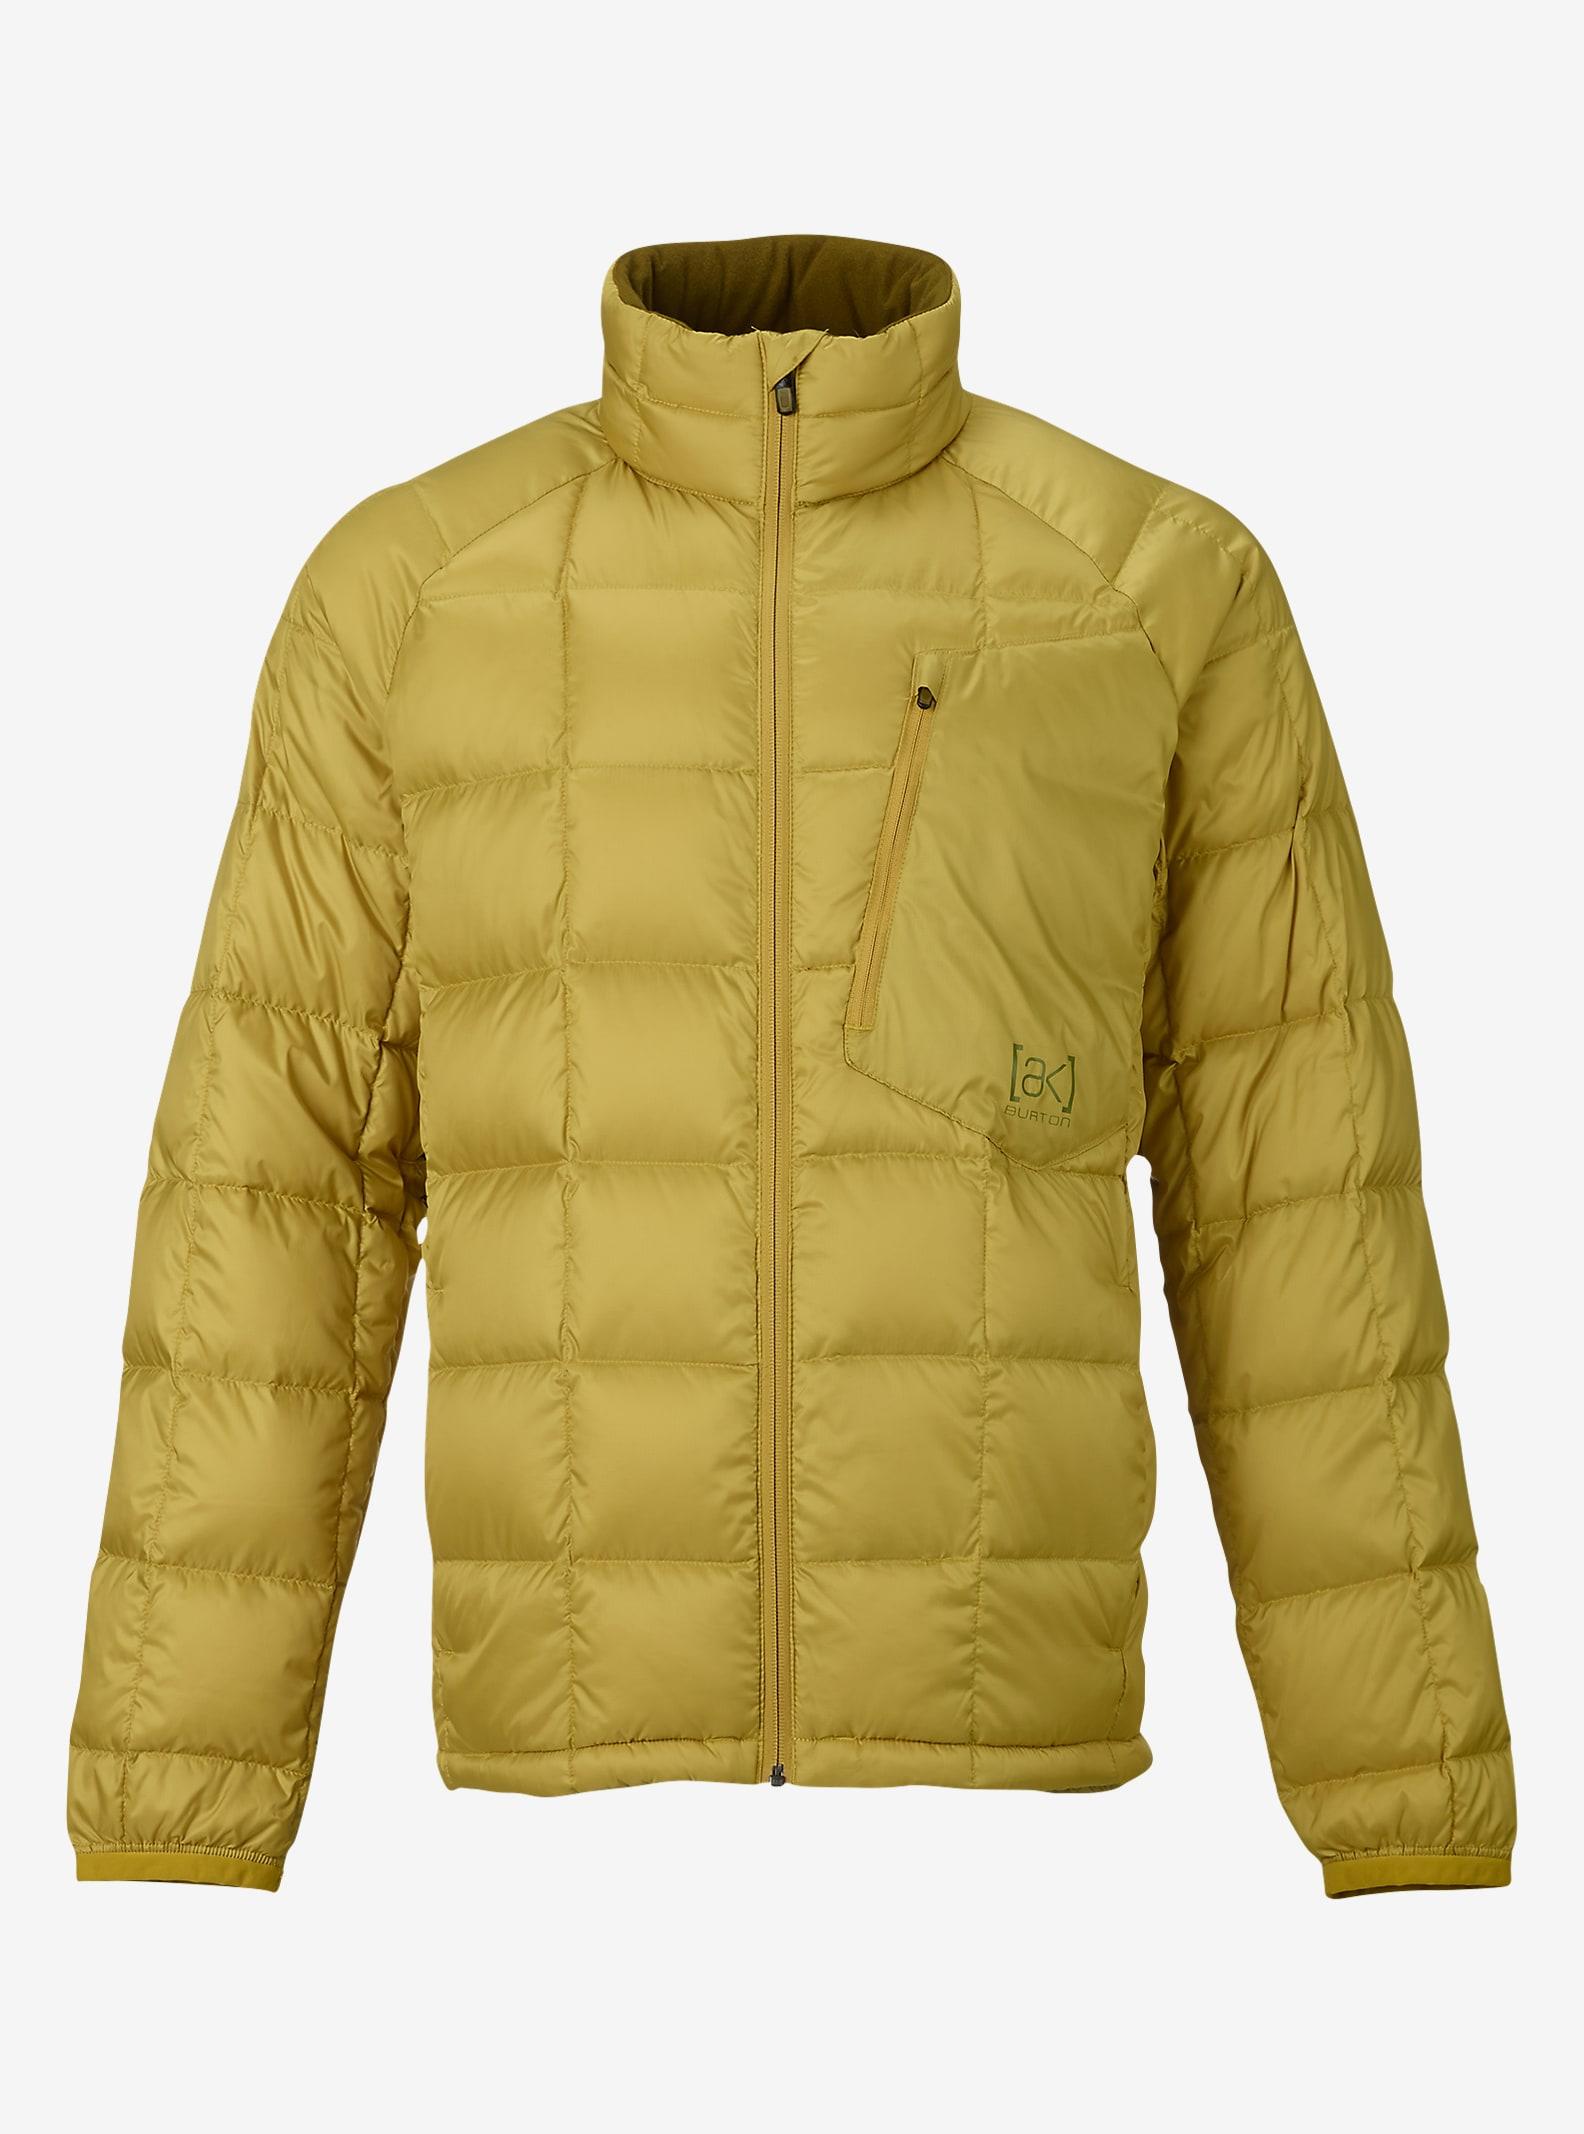 Burton [ak] BK Down Insulator Jacket shown in Poison Dart